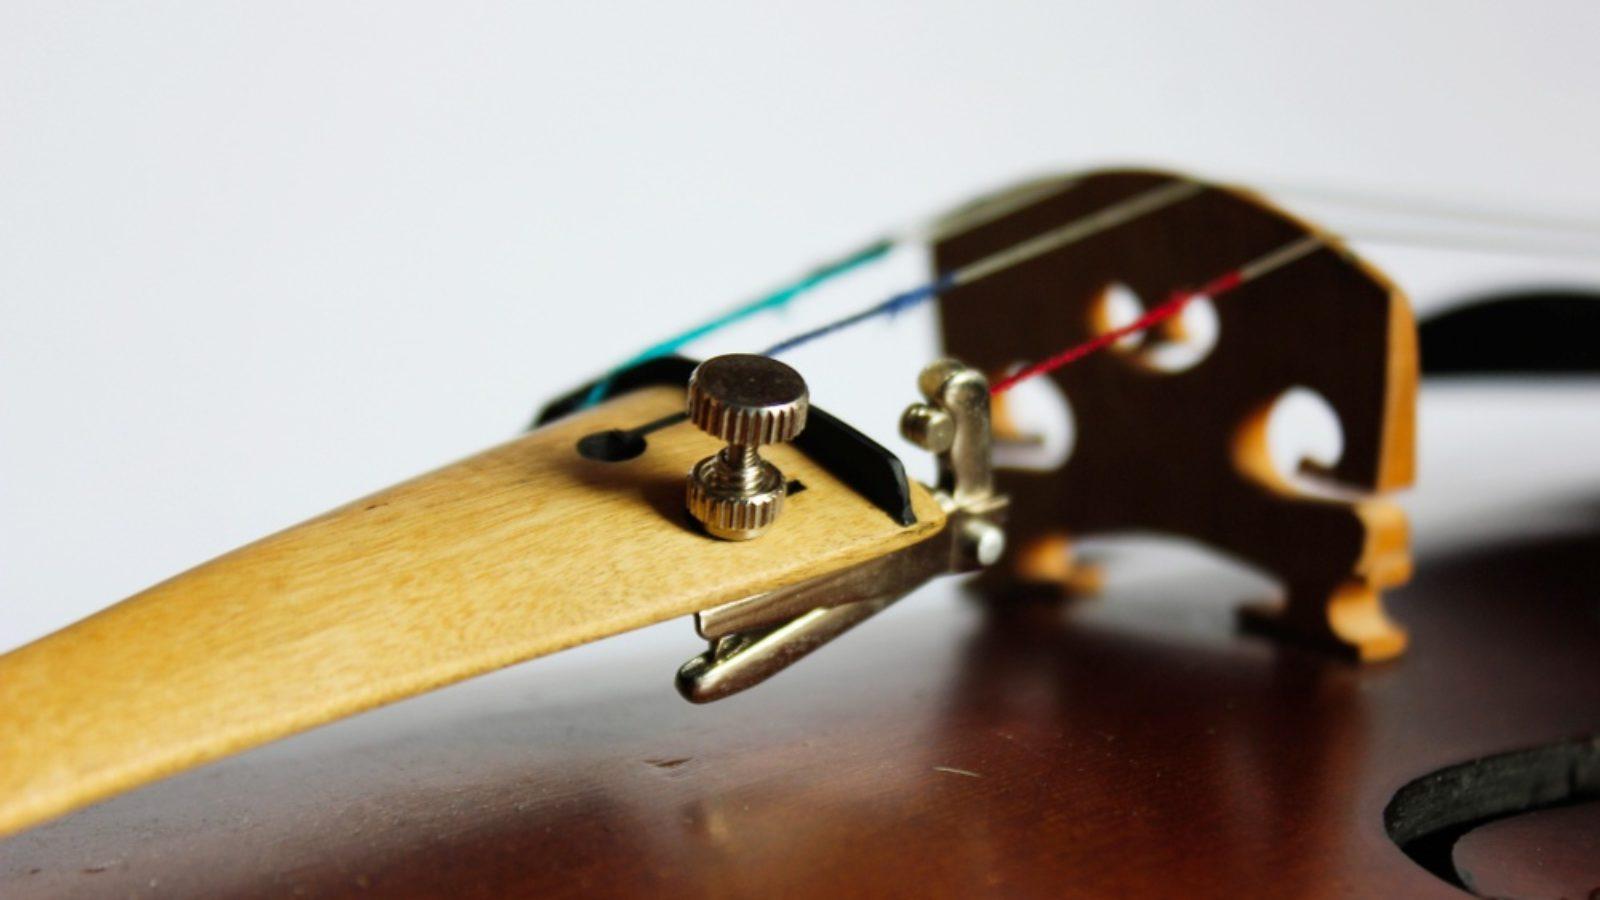 【動画あり】チェロの調弦(チューニング)初心者向けの方法:ペグとアジャスター回すコツ【音はADGCで442Hz】